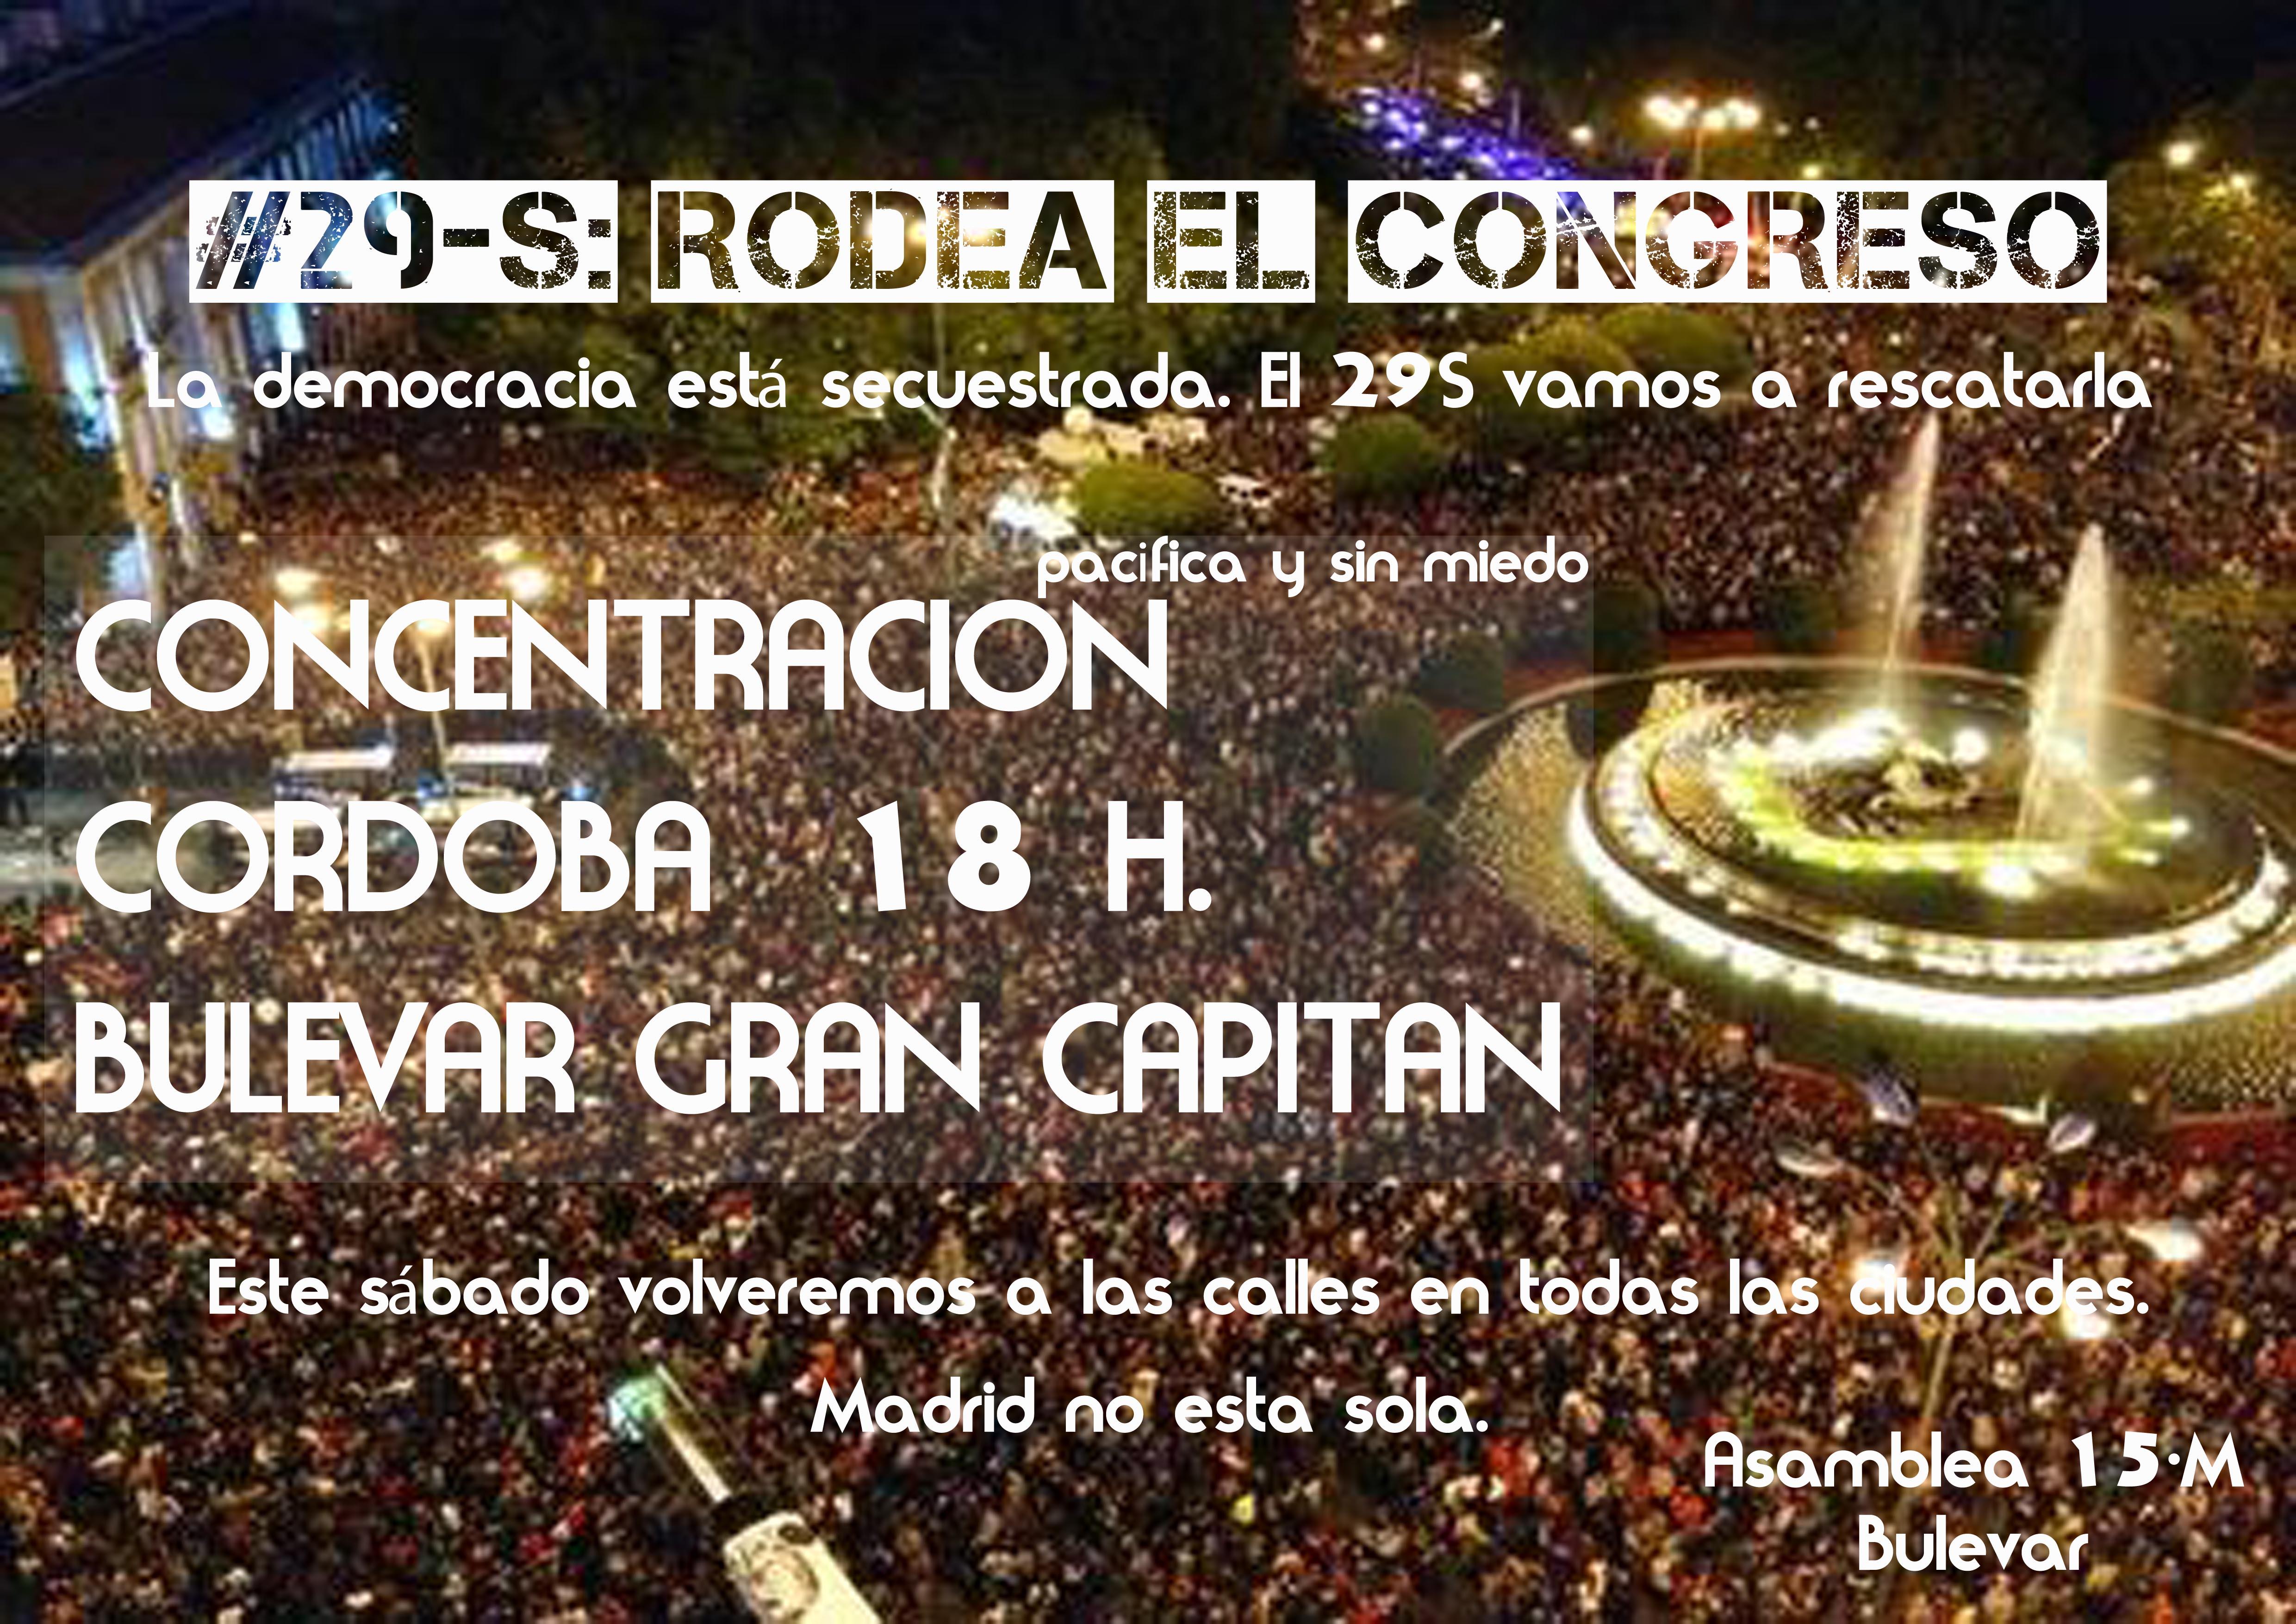 29s rodea el congreso desde córdoba, concentración a las 18h en el bulevar del 15 de mayo (bulevar de grán capitán)